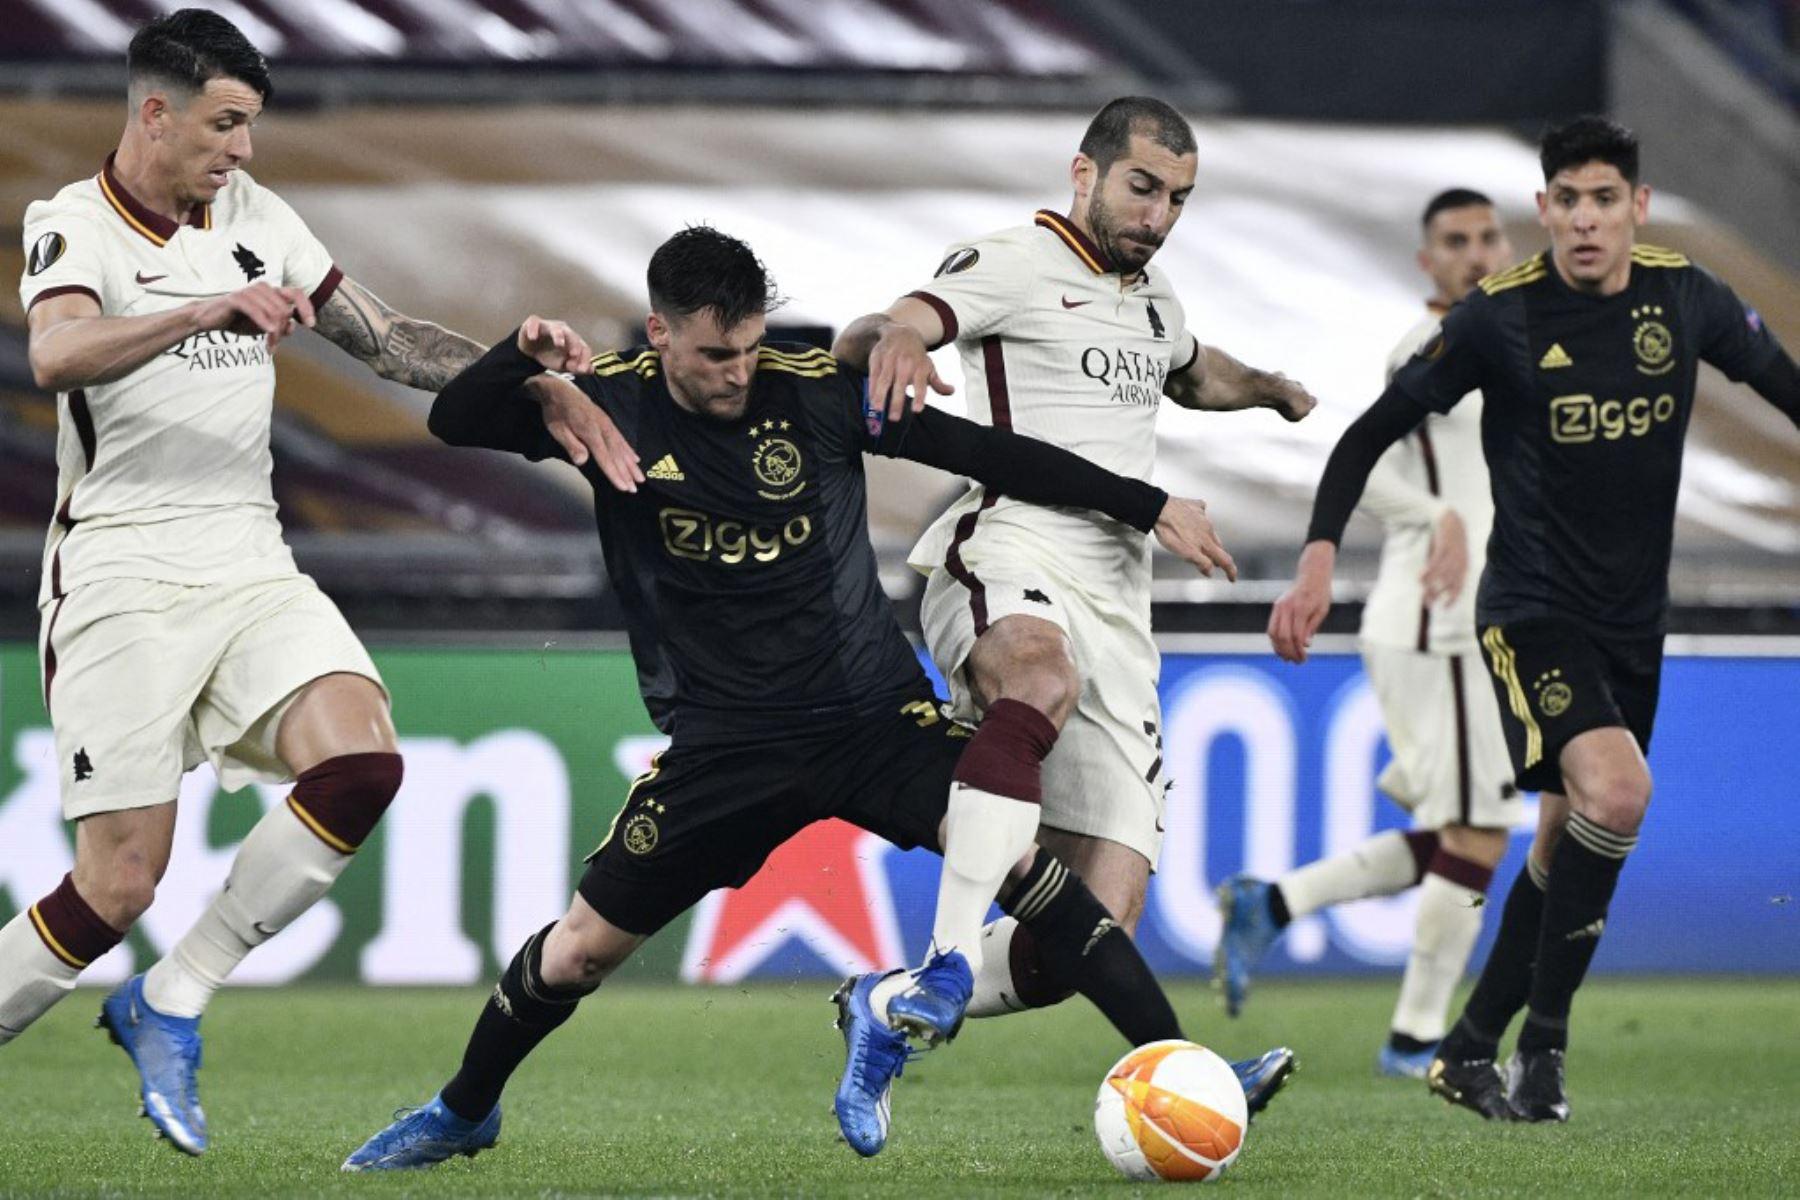 El defensor argentino del Ajax Nicolas Tagliafico (L) comete una falta al centrocampista armenio de la Roma Henrikh Mkhitaryan durante los cuartos de final de la UEFA Europa League en el segundo partido de fútbol AS Roma vs Ajax Amsterdam.  Foto:AFP